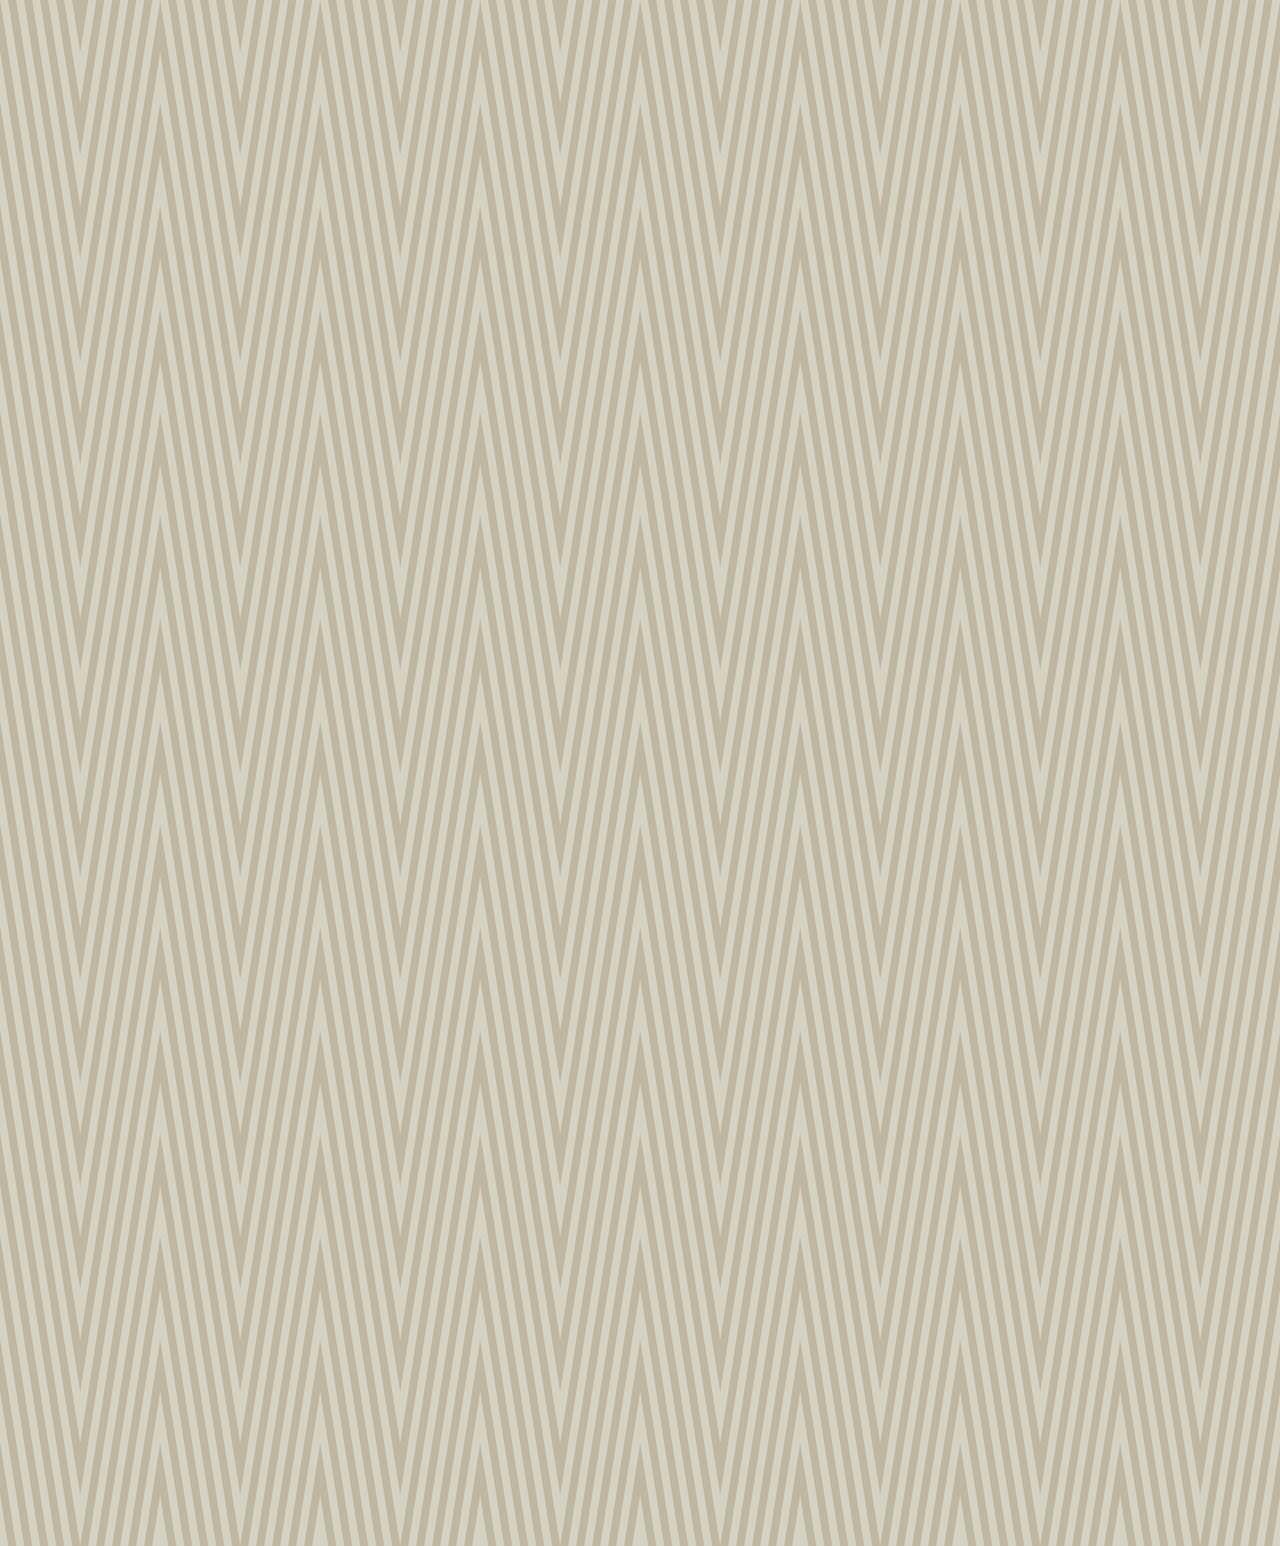 Sloan-Luxury-Wallpaper-SL00832-CHEVRON